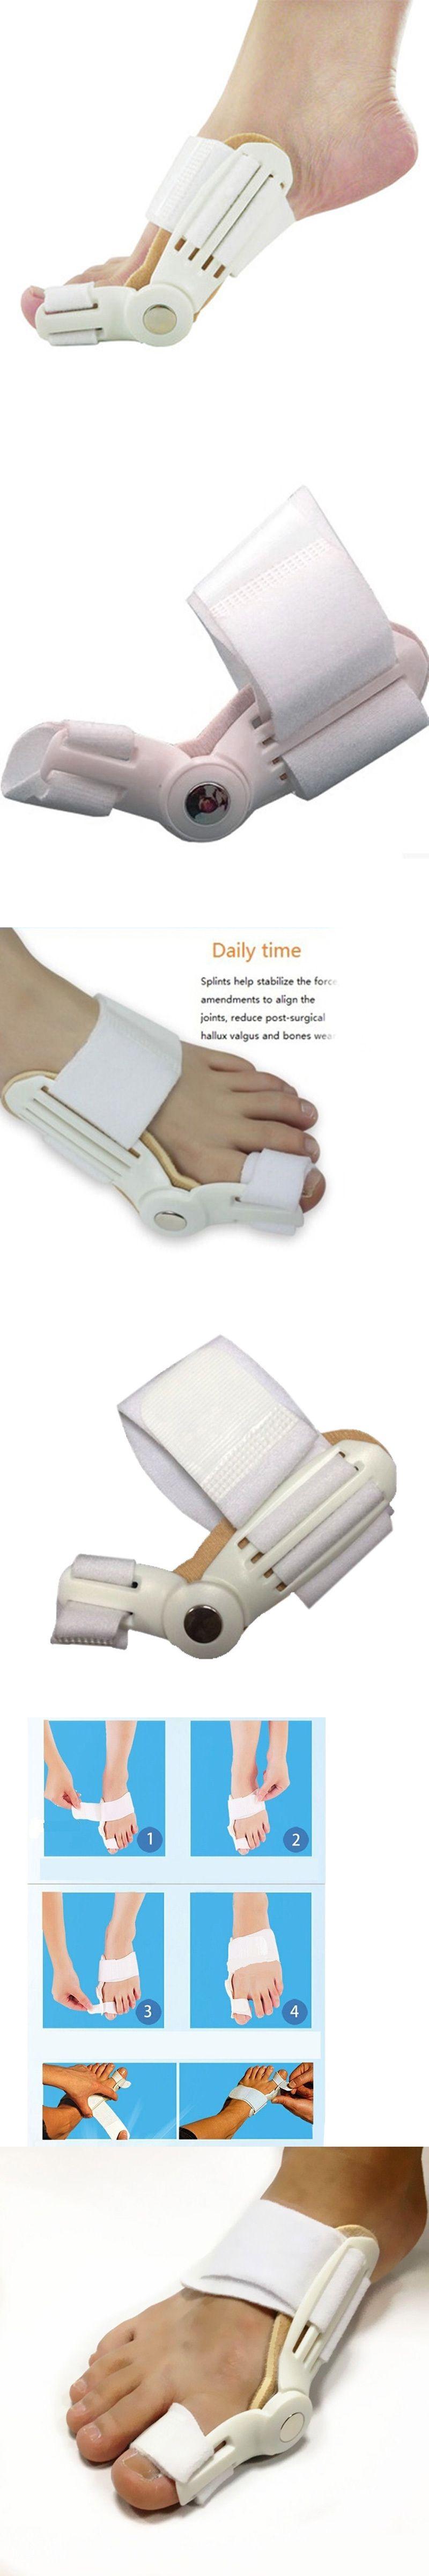 Pair Foot Care Hallux Valgus Fixed Thumb Orthopedic Valgus Pro